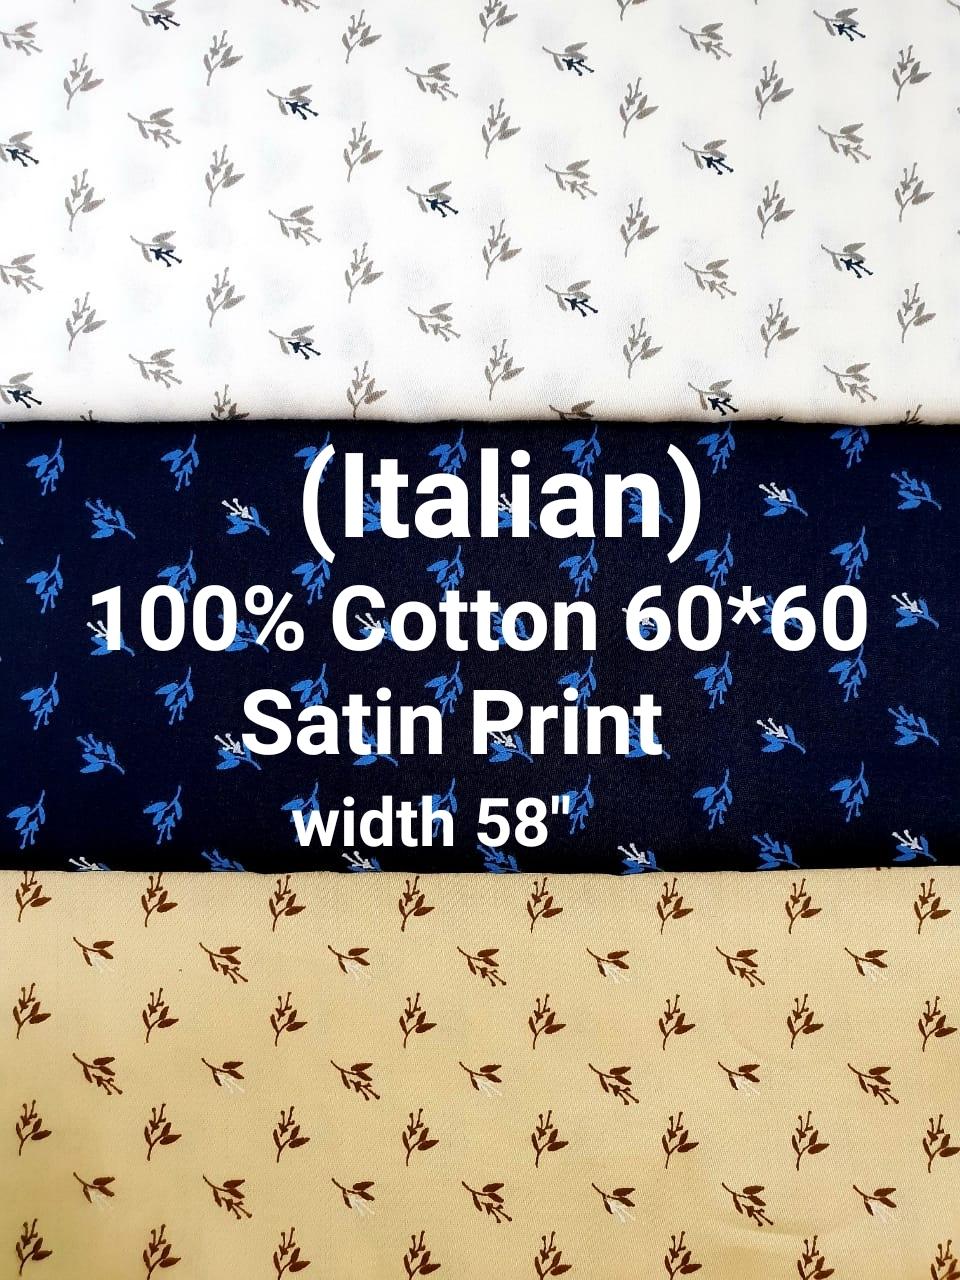 ITALIAN 100% cotton 60*60 satin print